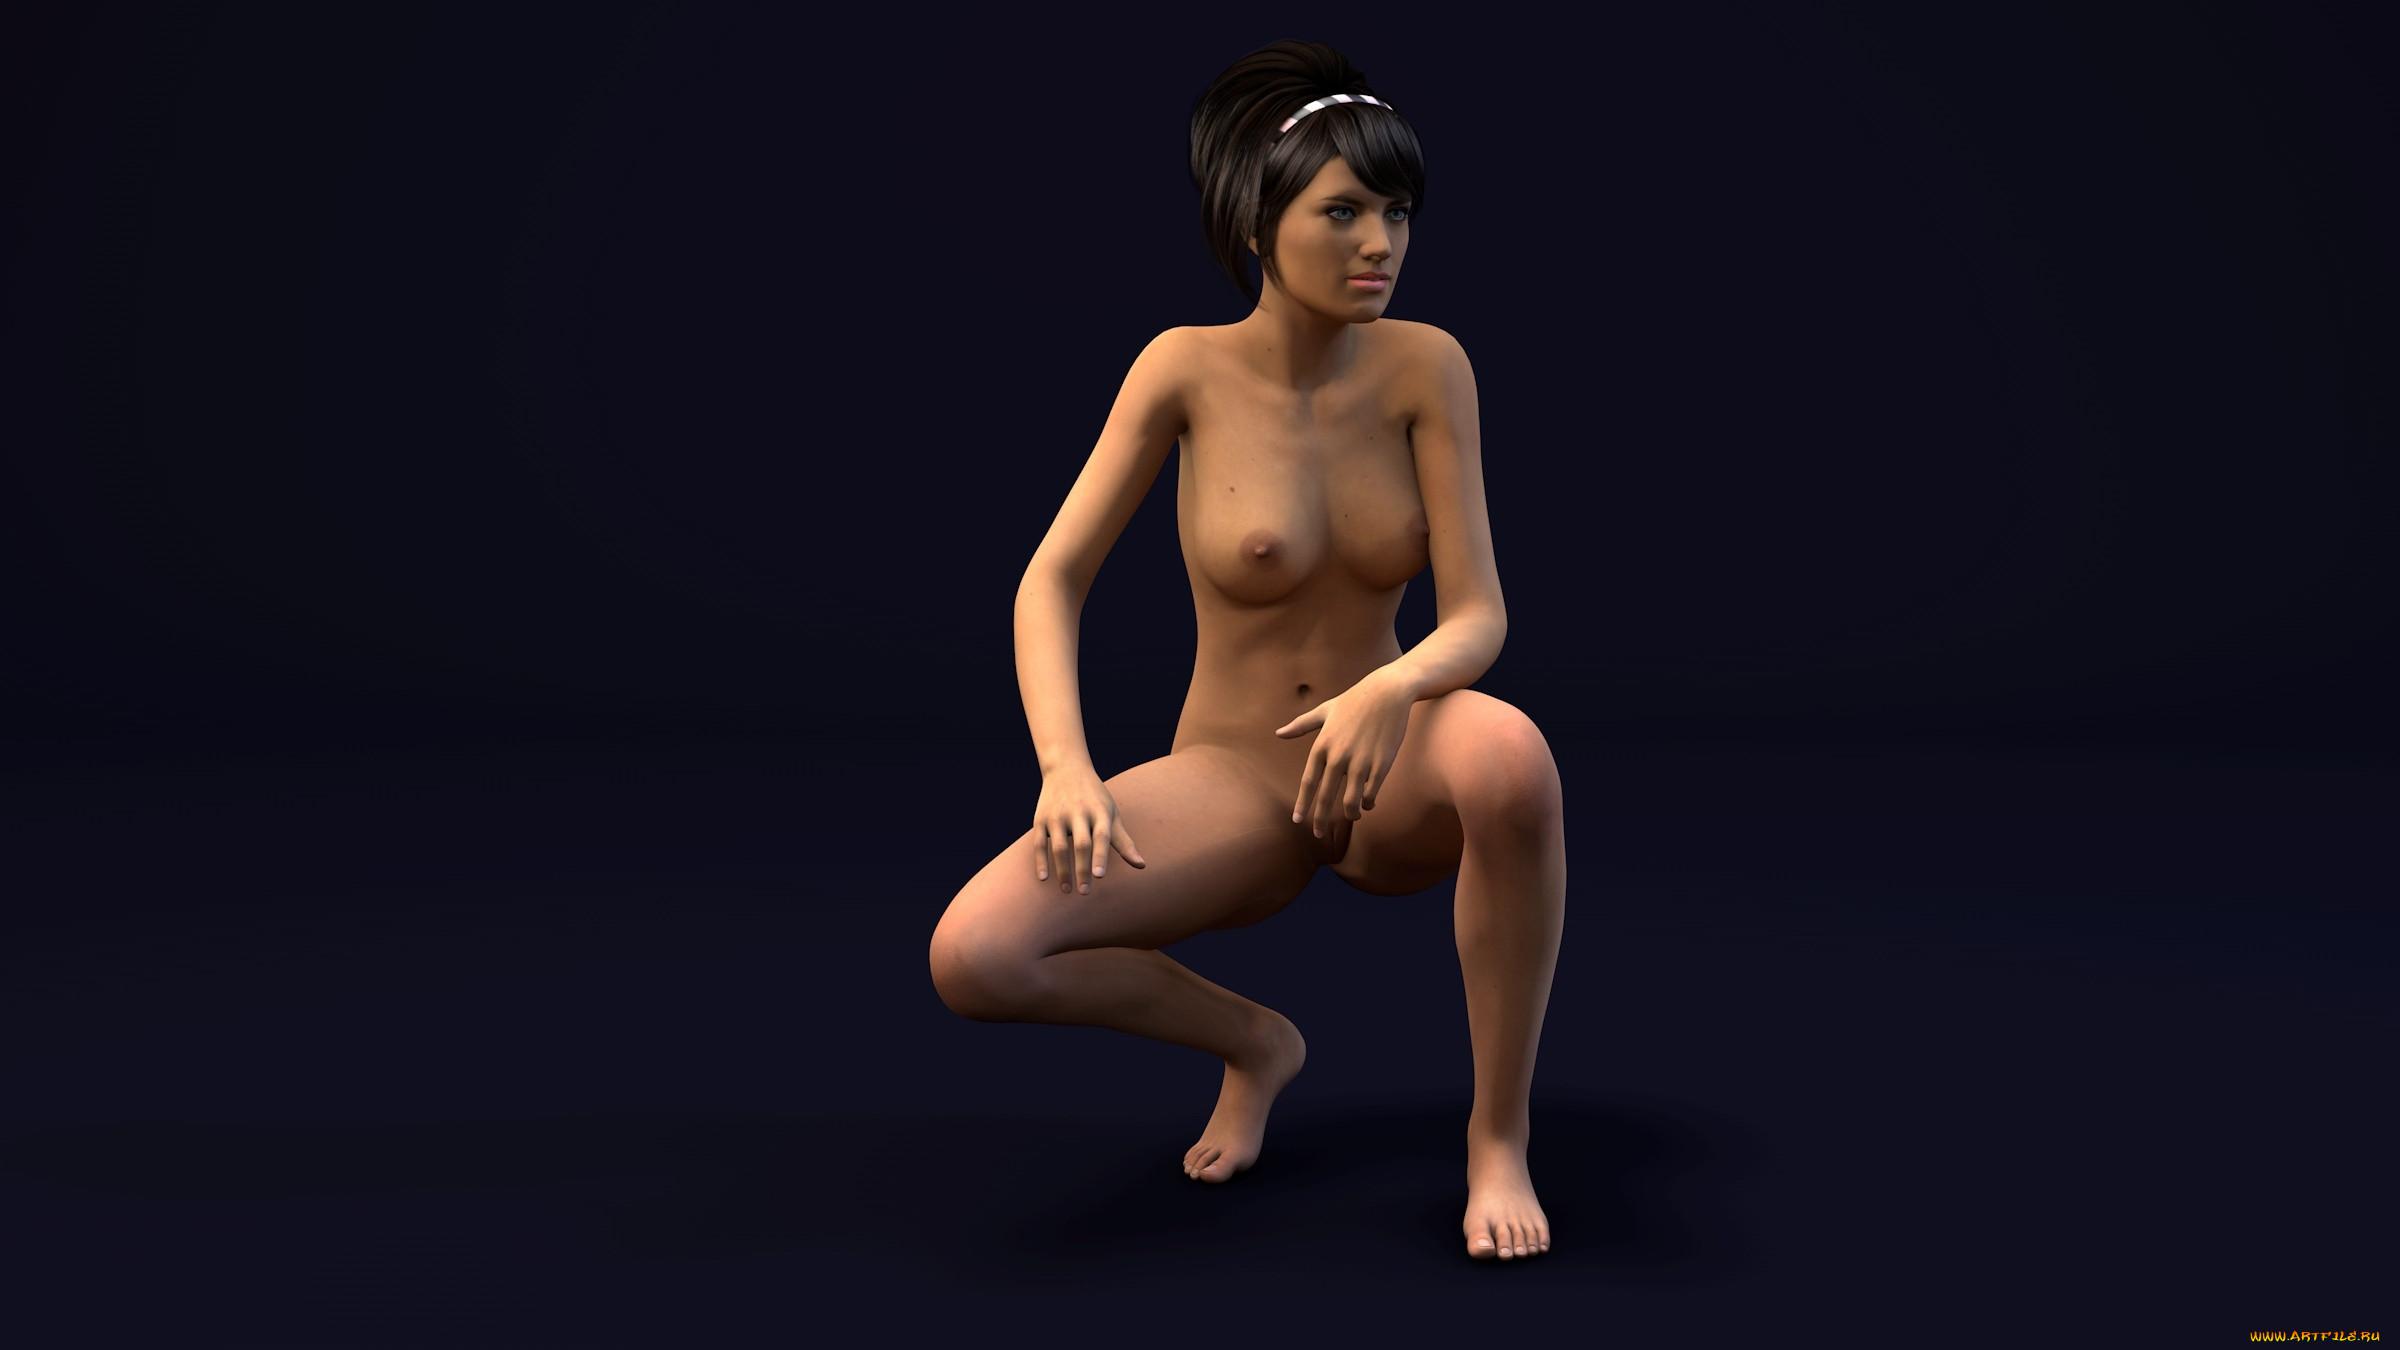 fon-rabochiy-stol-erotika